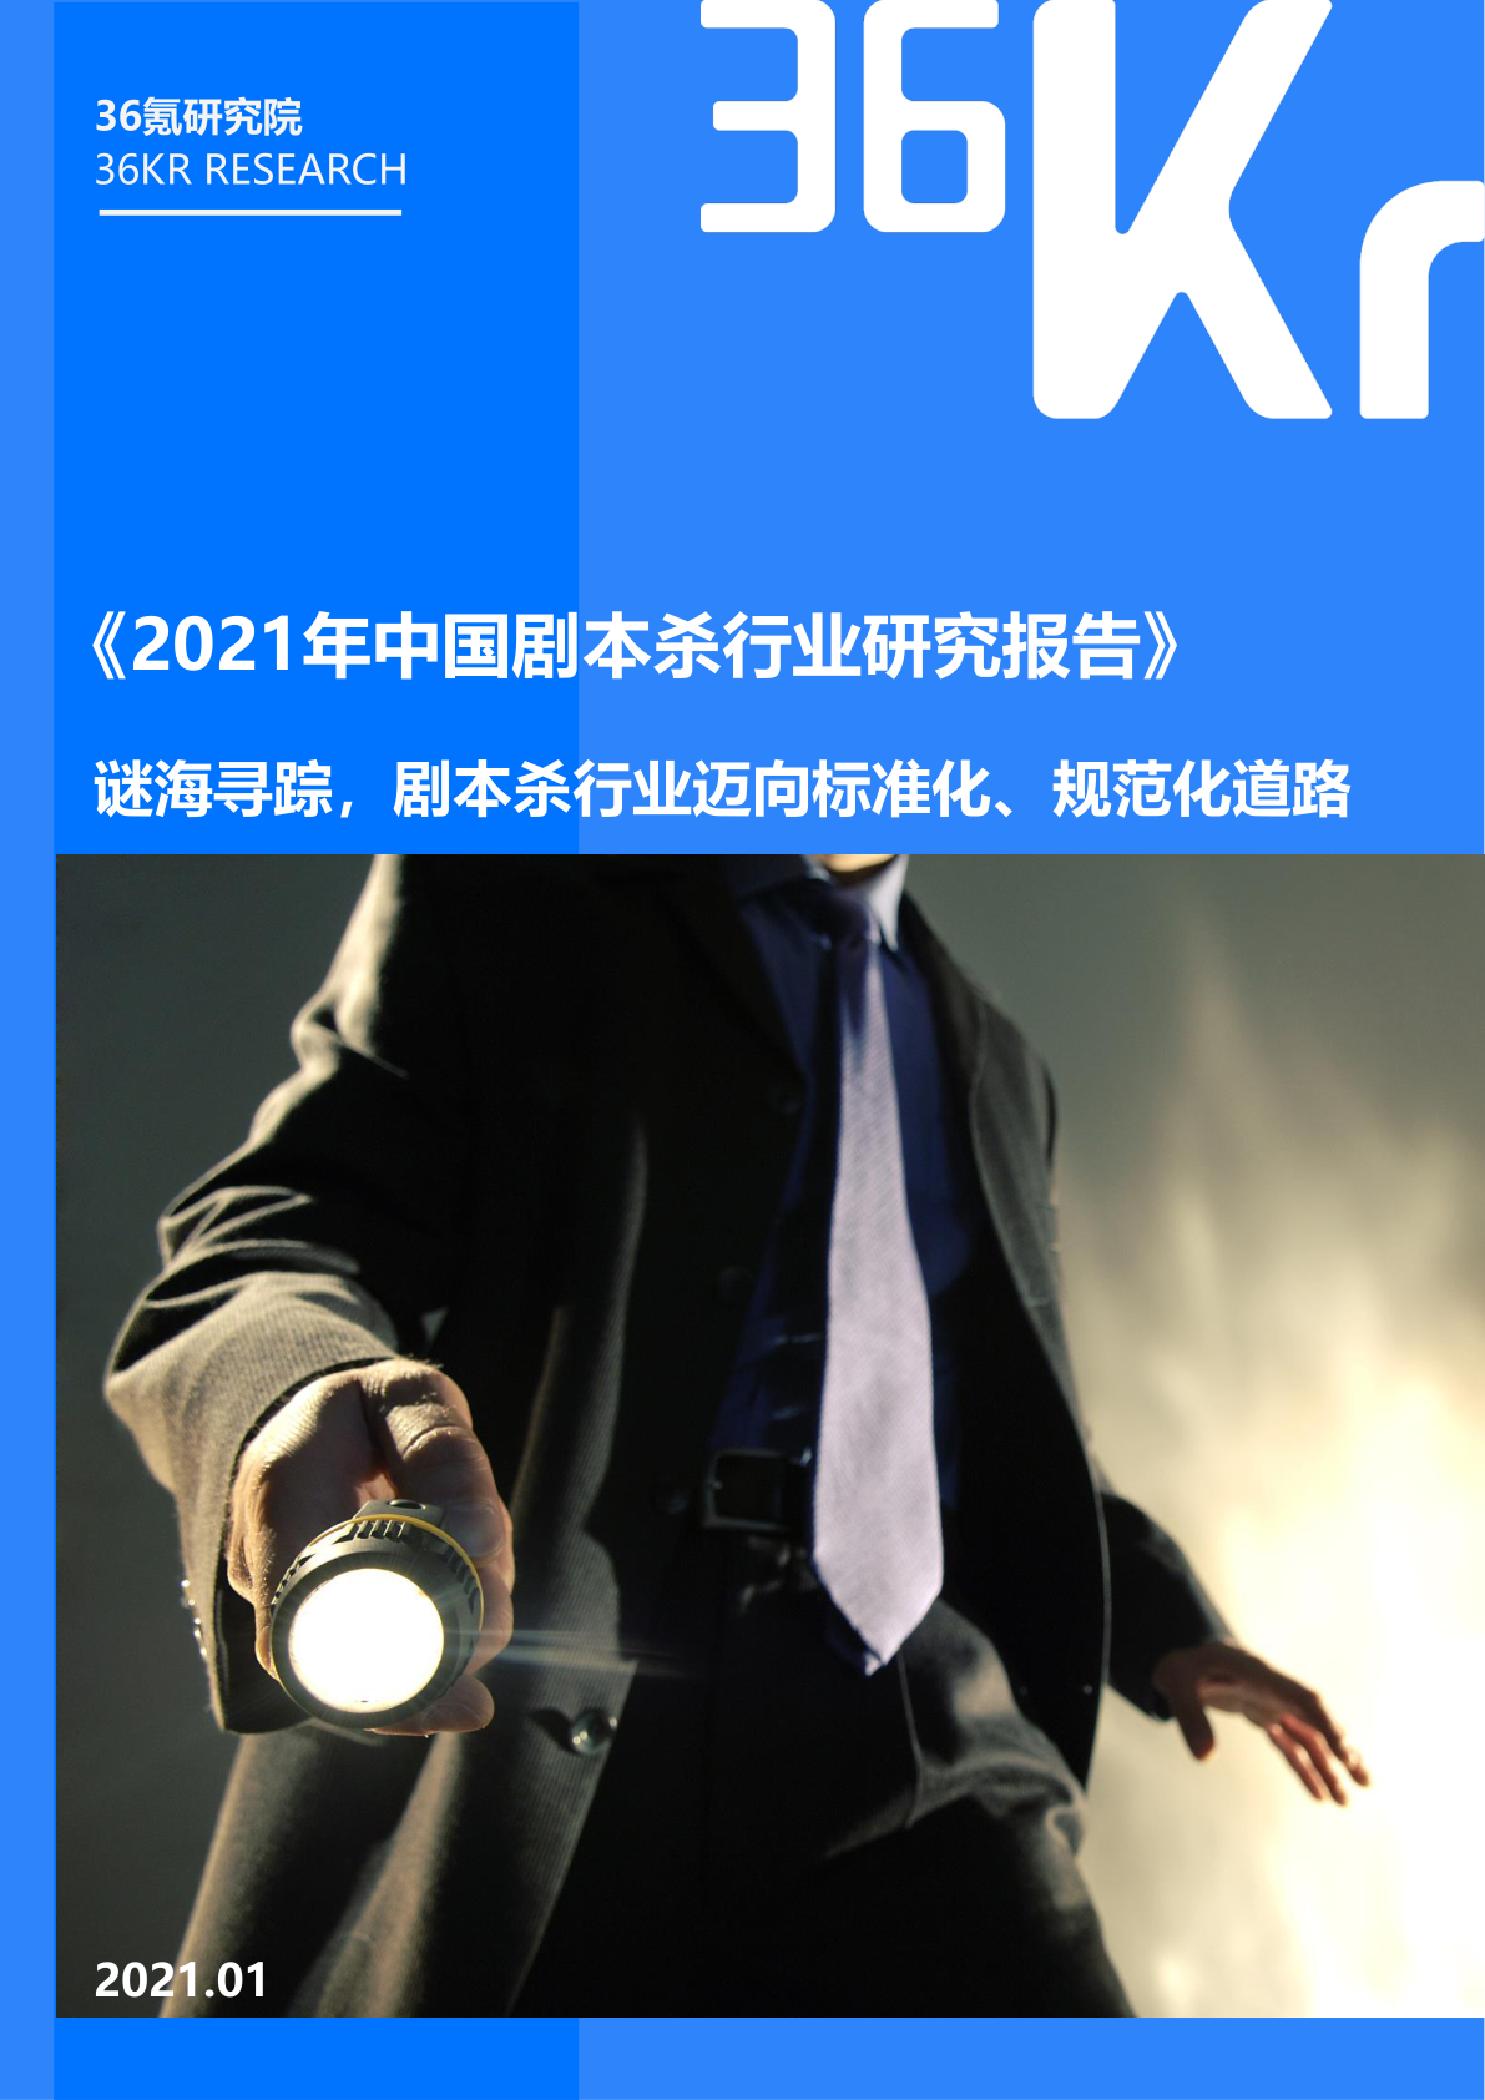 2021年中国剧本杀行业研究报告